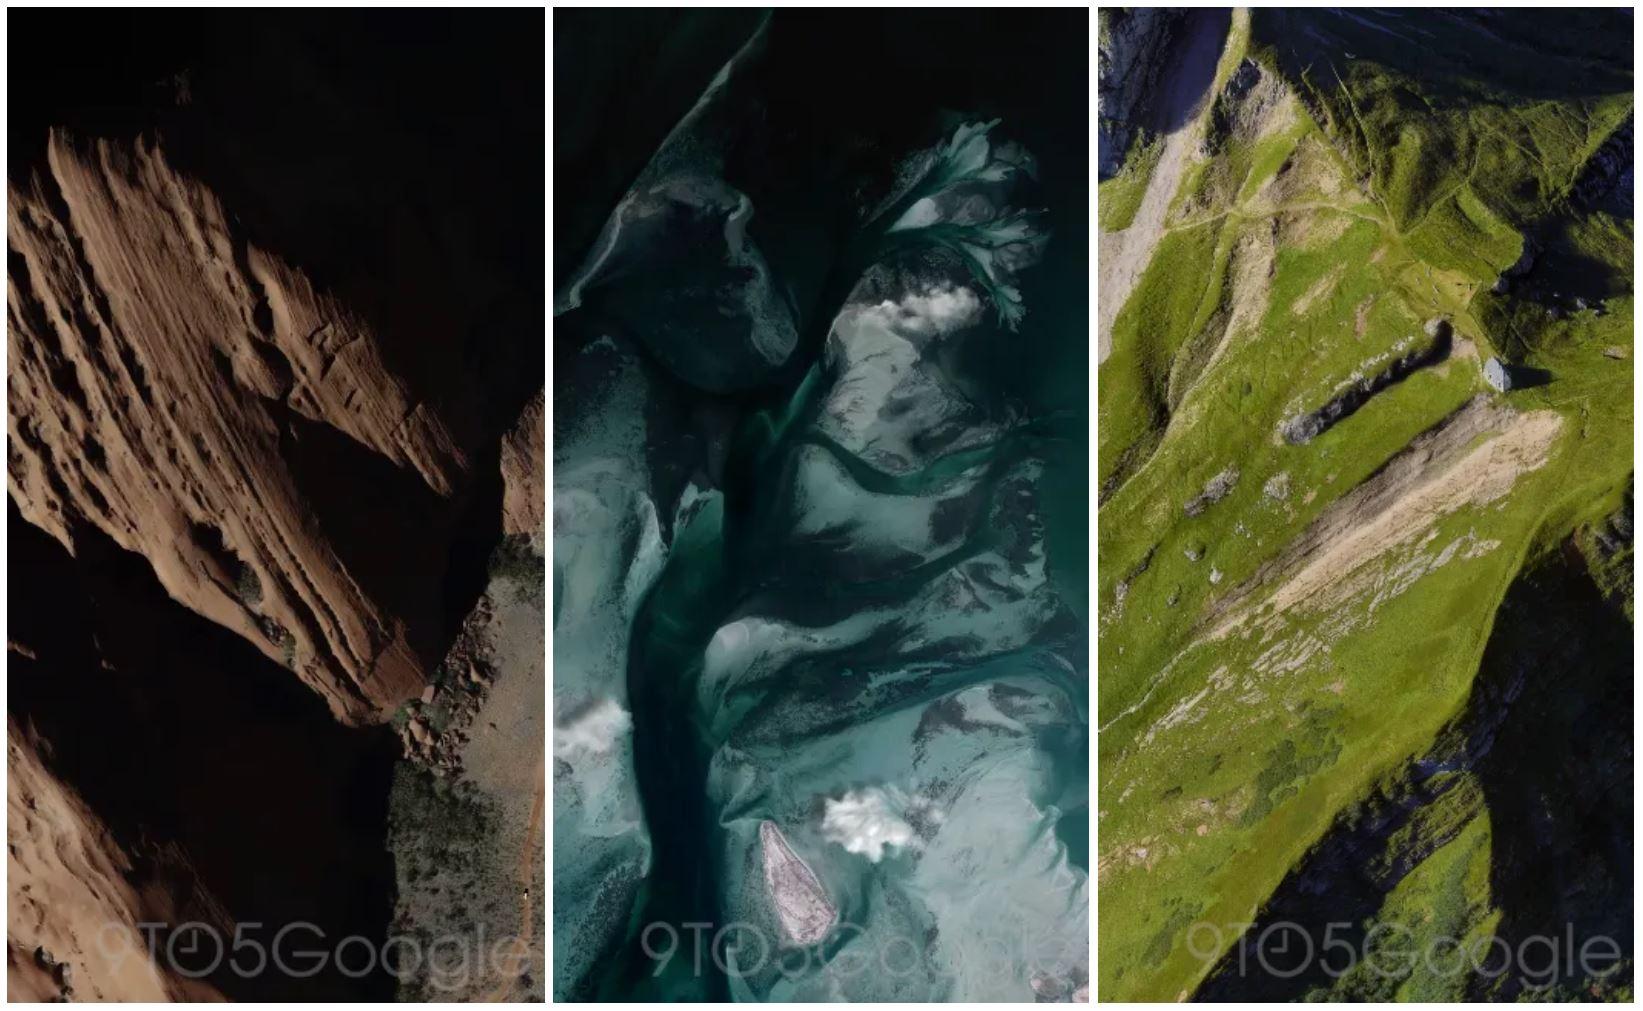 pixel 4 live wallpaper mountains